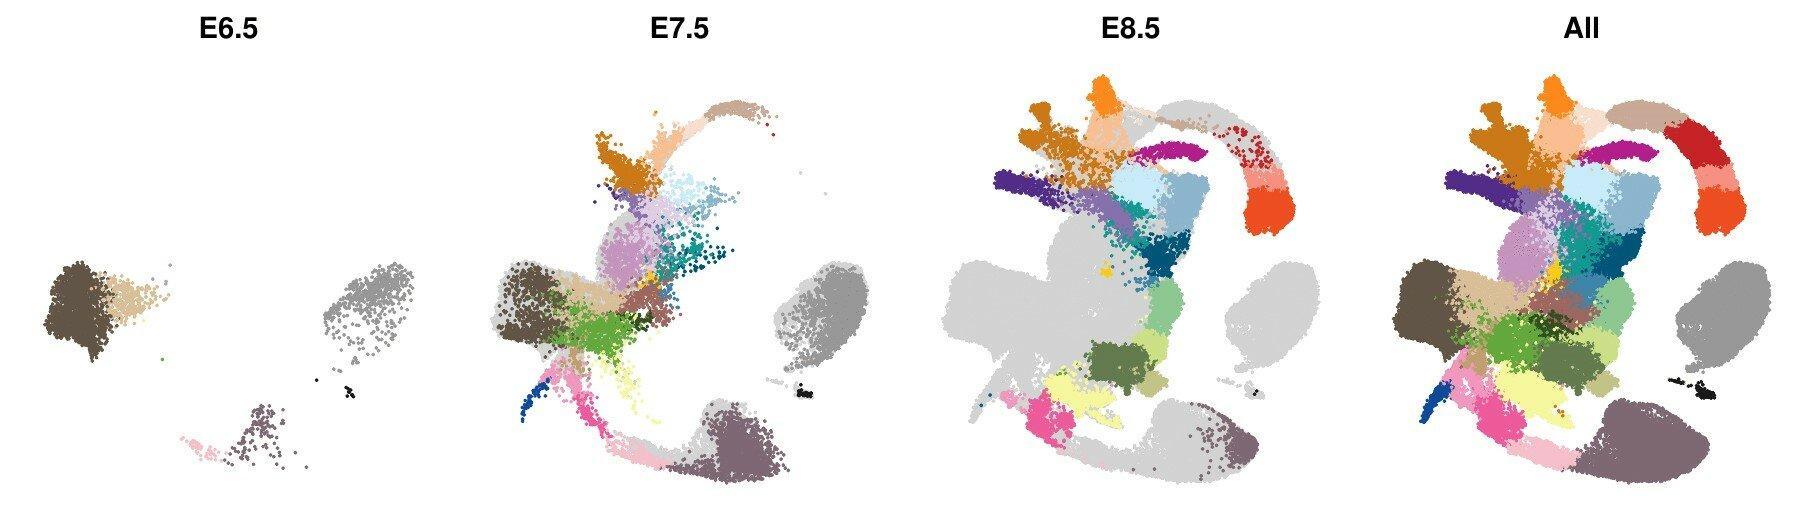 Мышиный эмбрион разобрали по генам и клеткам